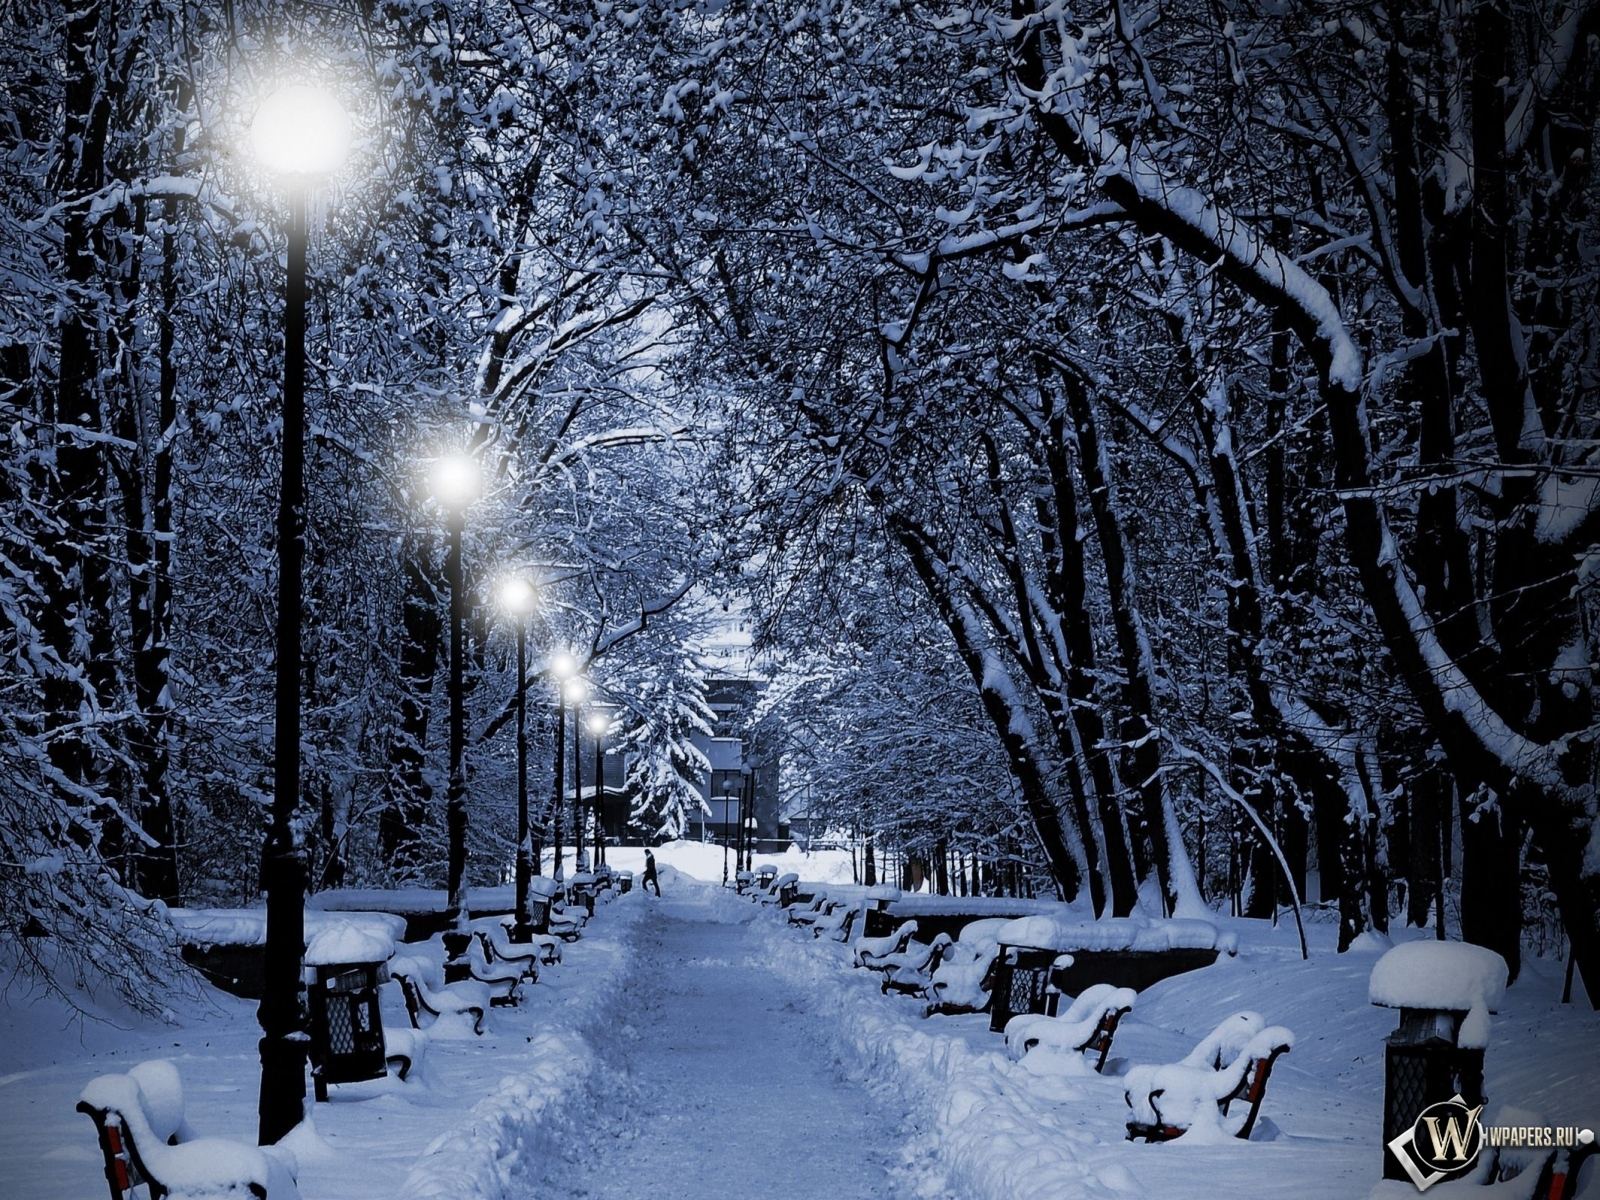 Аллея зимой 1600x1200